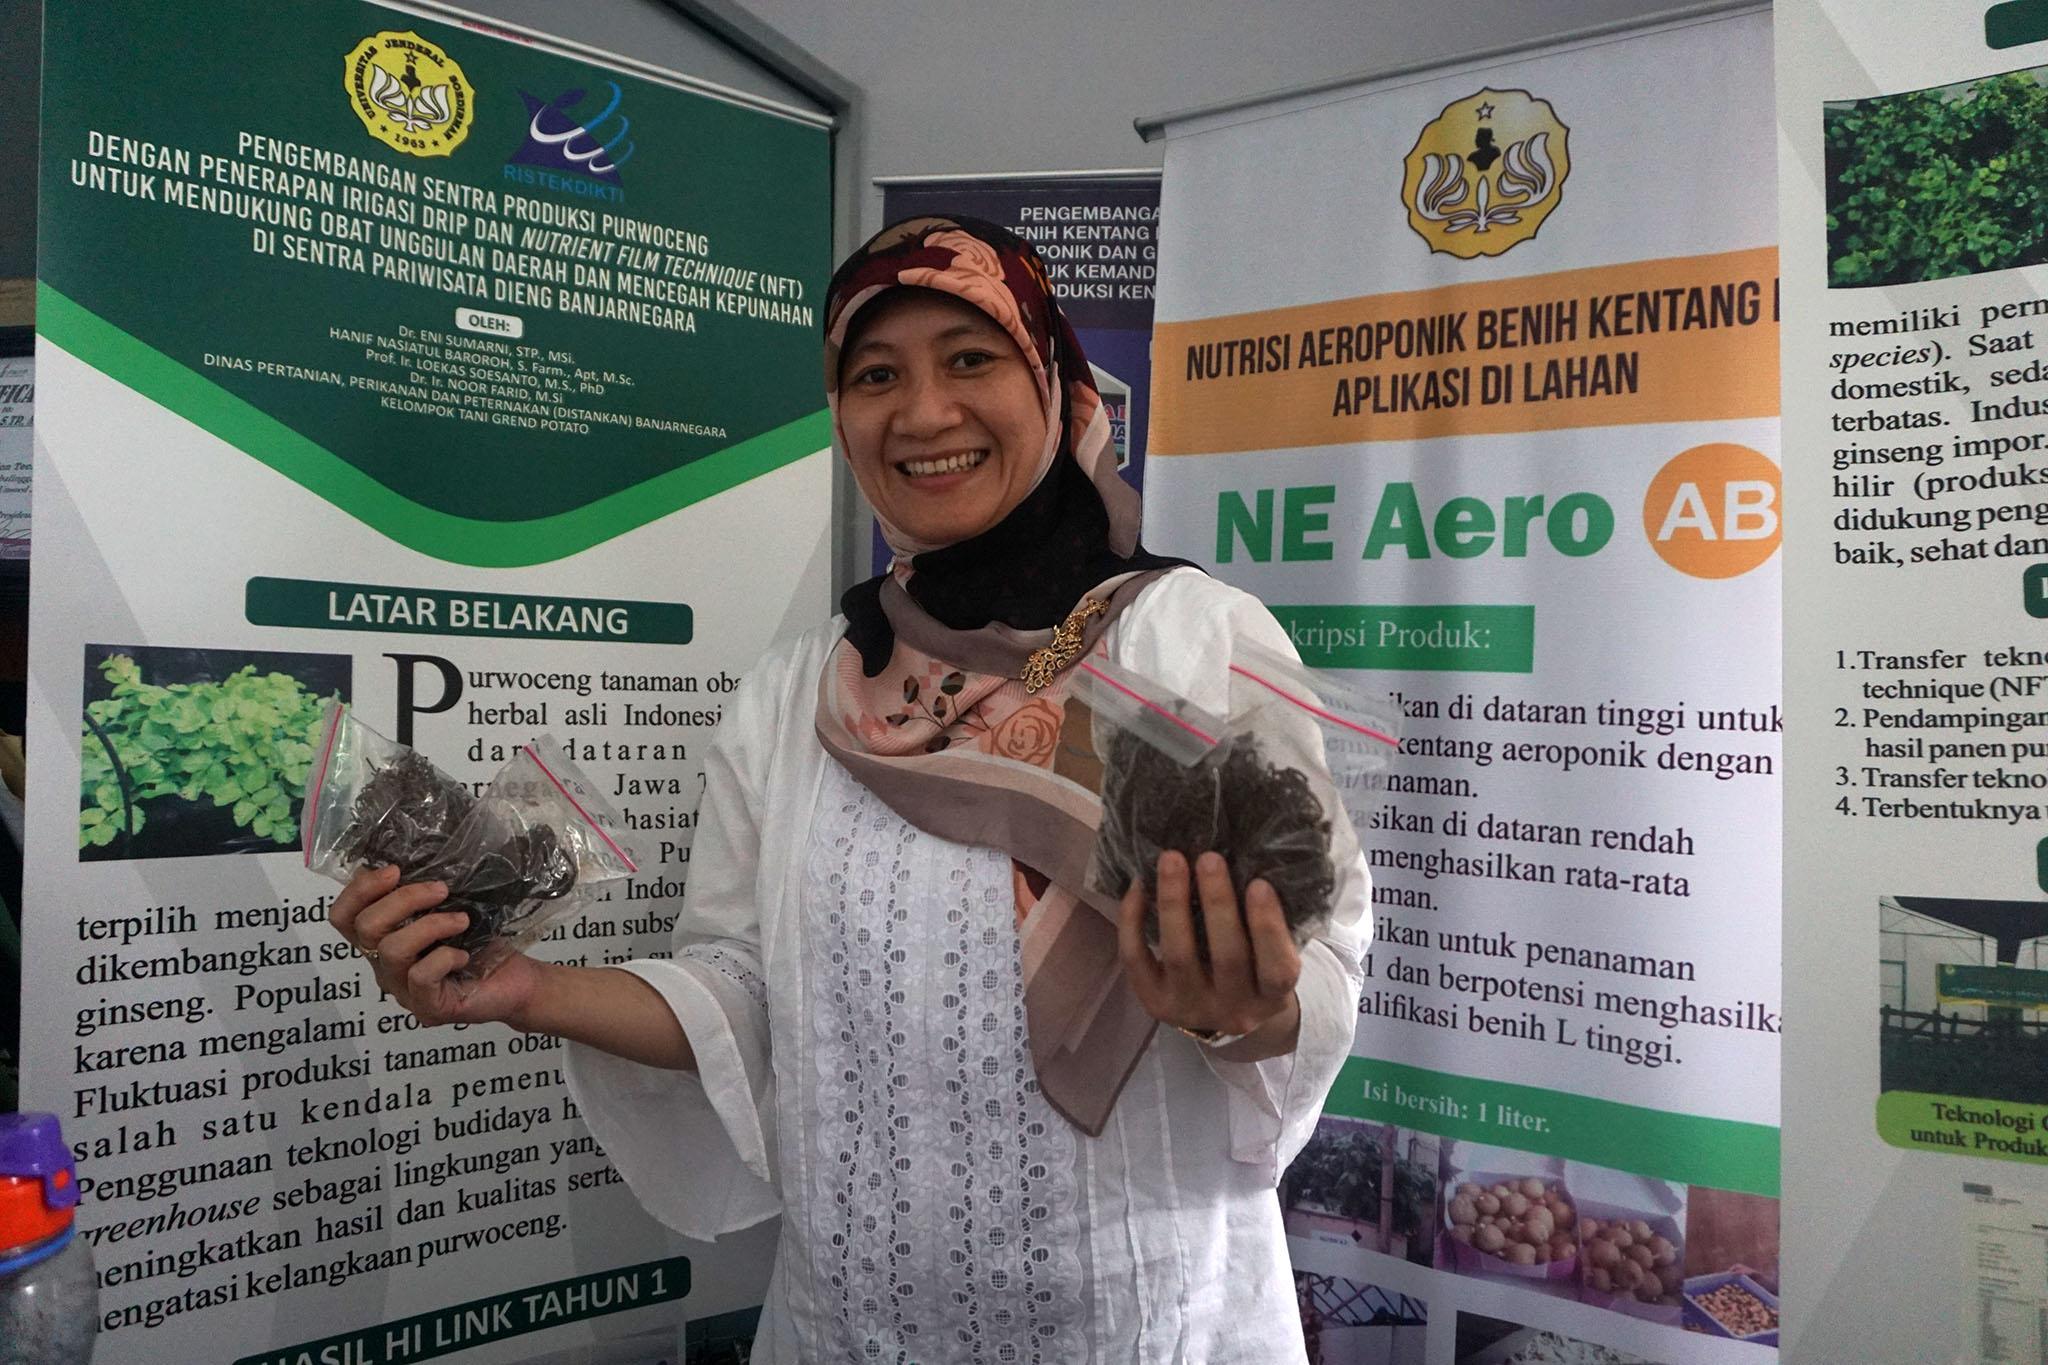 Peneliti Teknologi Pertanian Unsoed Eni Sumarni memperlihatkan akar Purwaceng yang telah dikeringkan | Foto: L Darmawan/Mongabay Indonesia